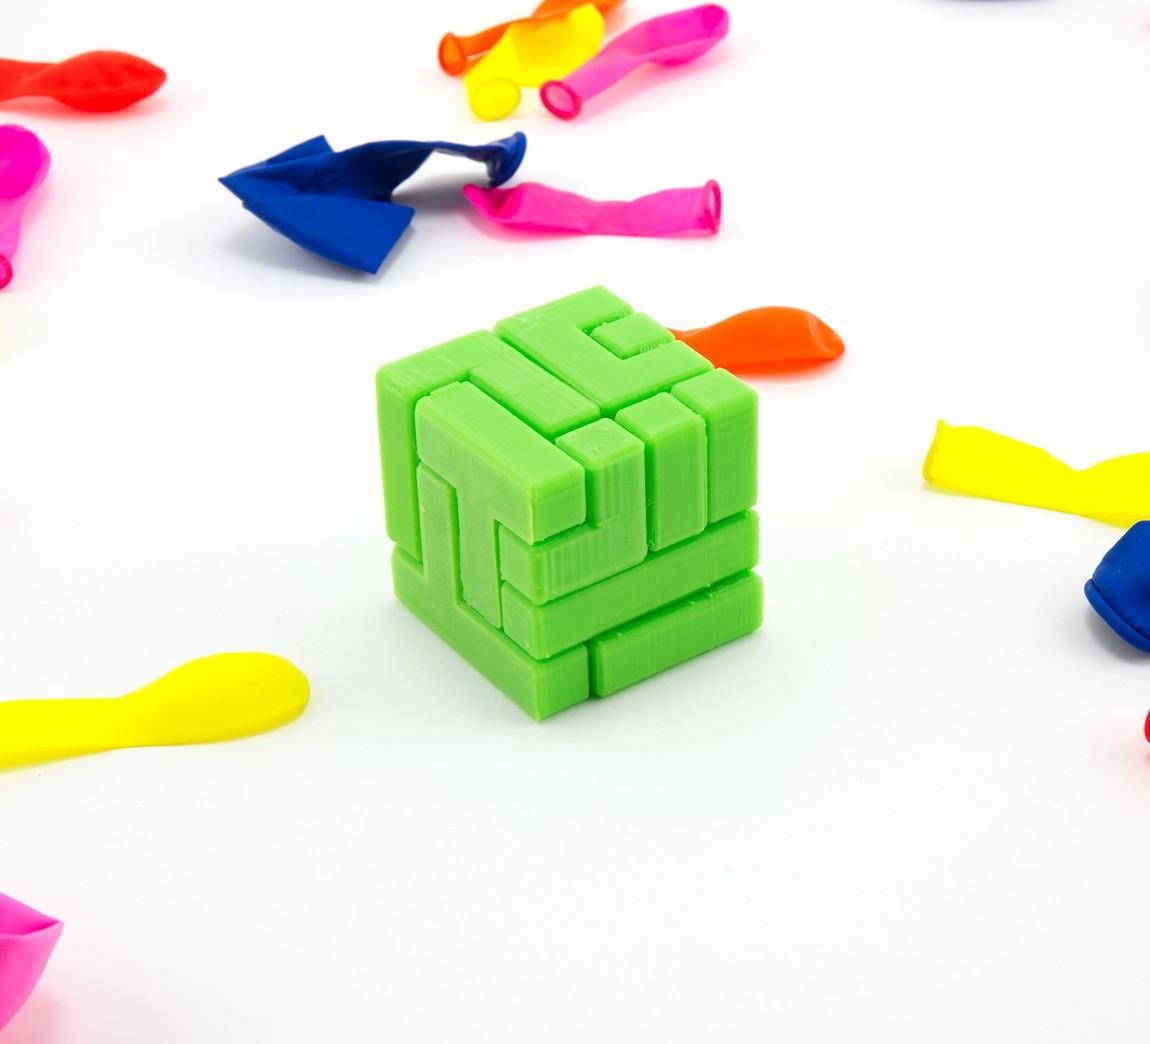 caba29fe59dd68c3356d71d1db495dc6_1444847269502_NMD000318a.jpg Download free STL file 4x4 Puzzle Cube • 3D printer model, FerryTeacher